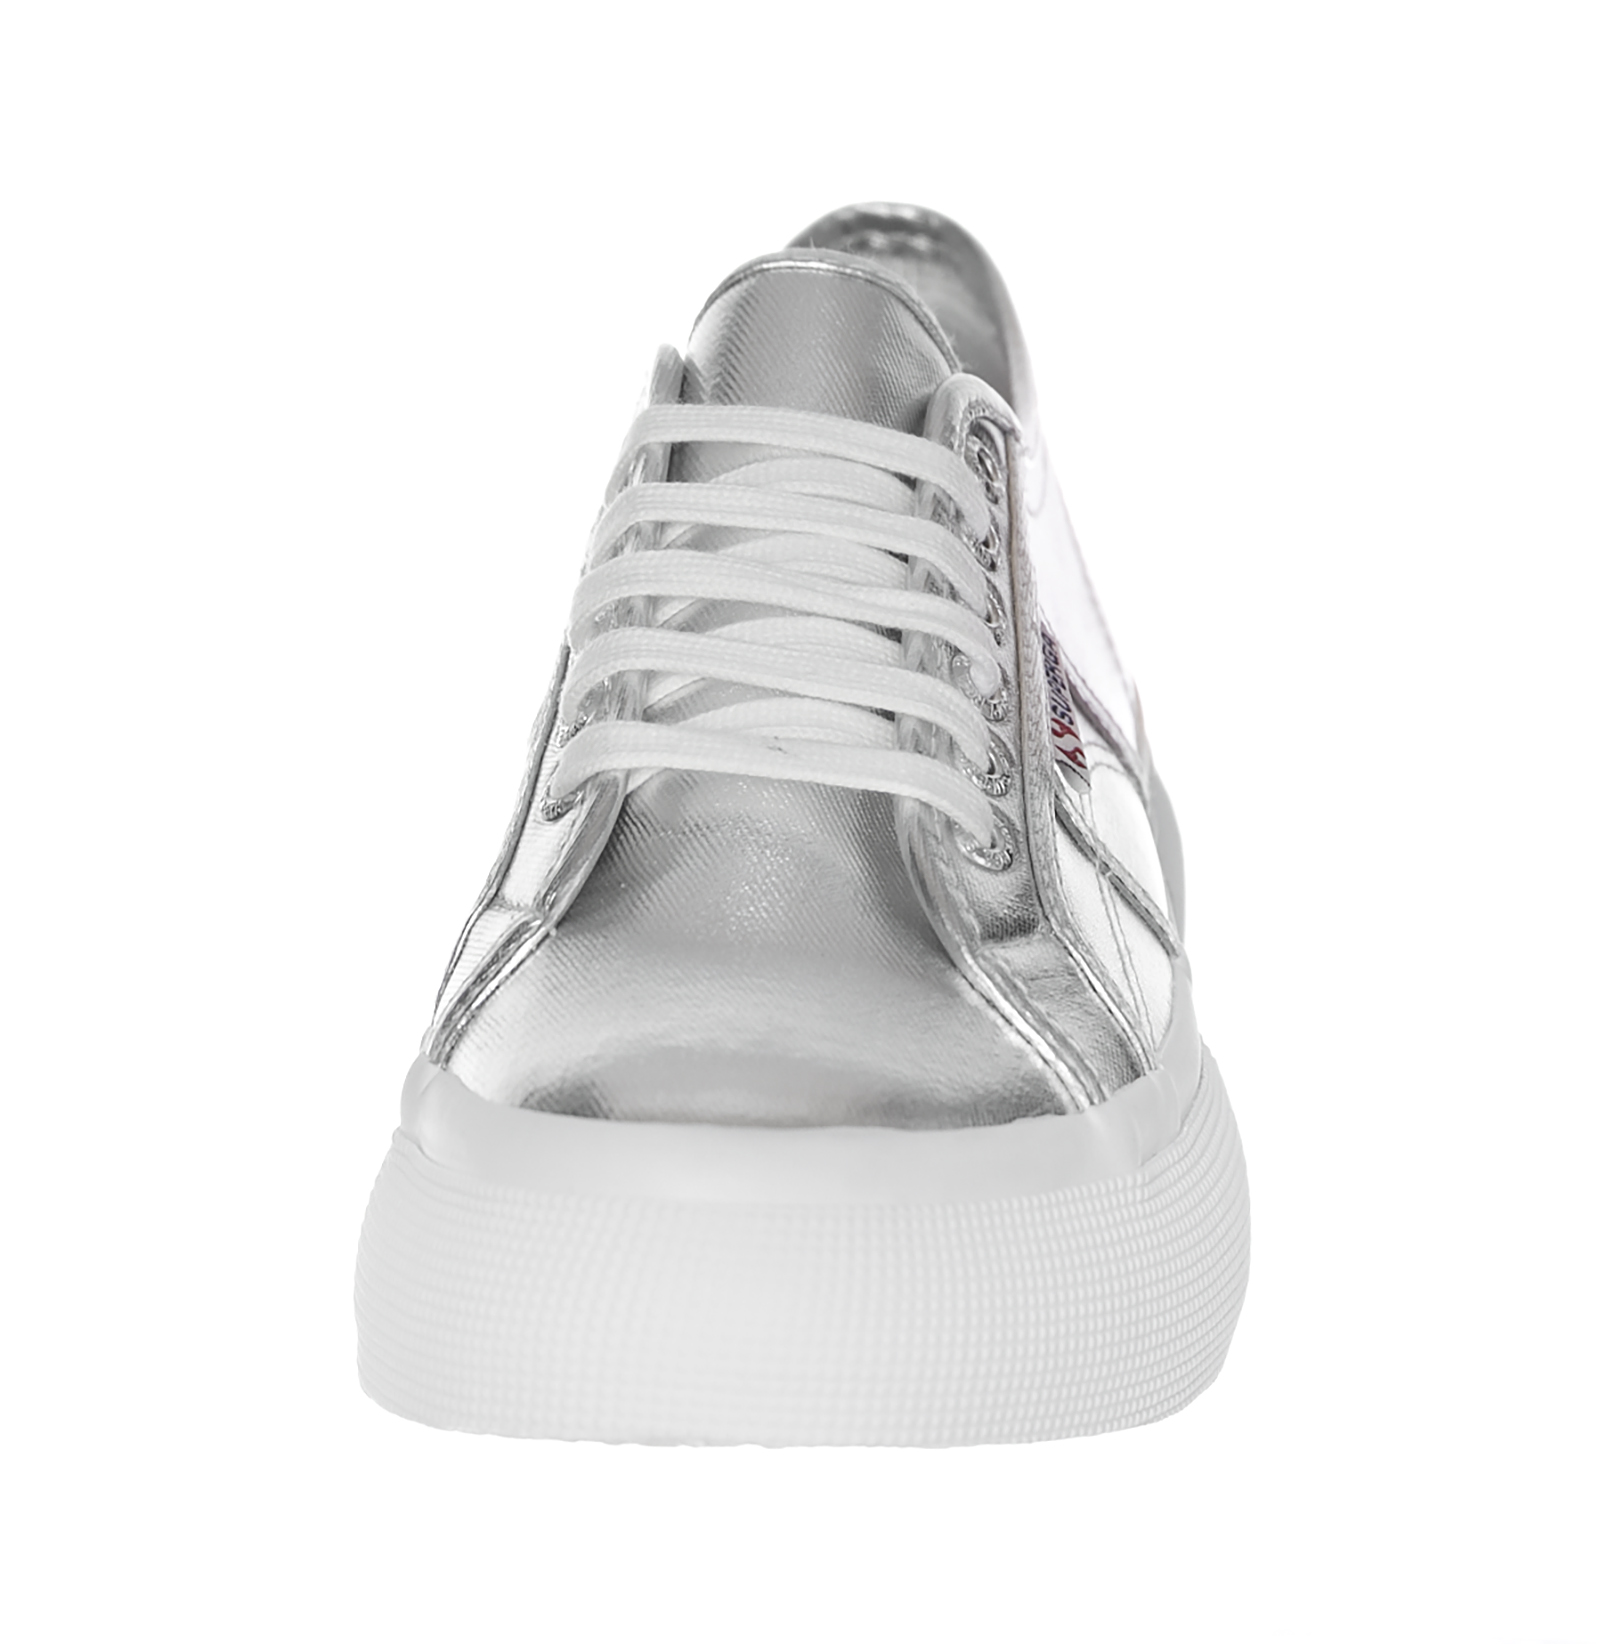 superga 2287-Cotmetw grau Silber Silber Silber